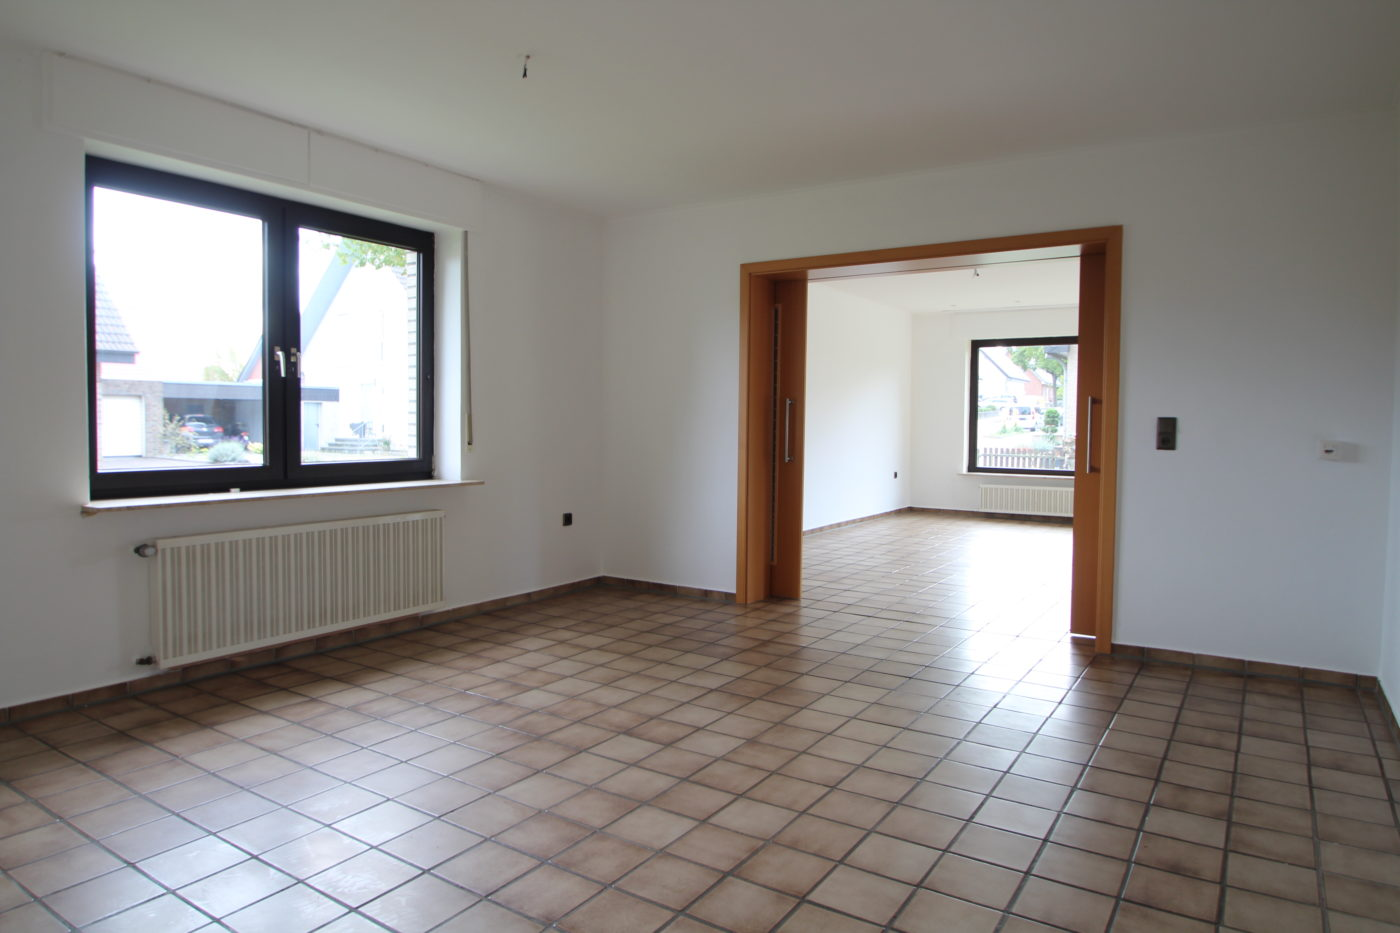 Vorher Foto vom Wohn- und Esszimmer. Wohn- und Esszimmer vor dem Homestaging durch Blickfang Homestaging in Soest